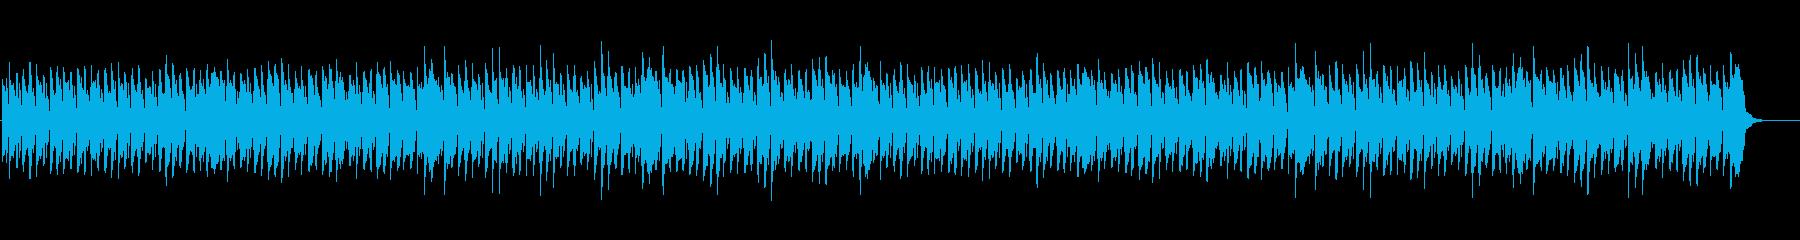 なにができるかな?手順説明のラグタイムの再生済みの波形